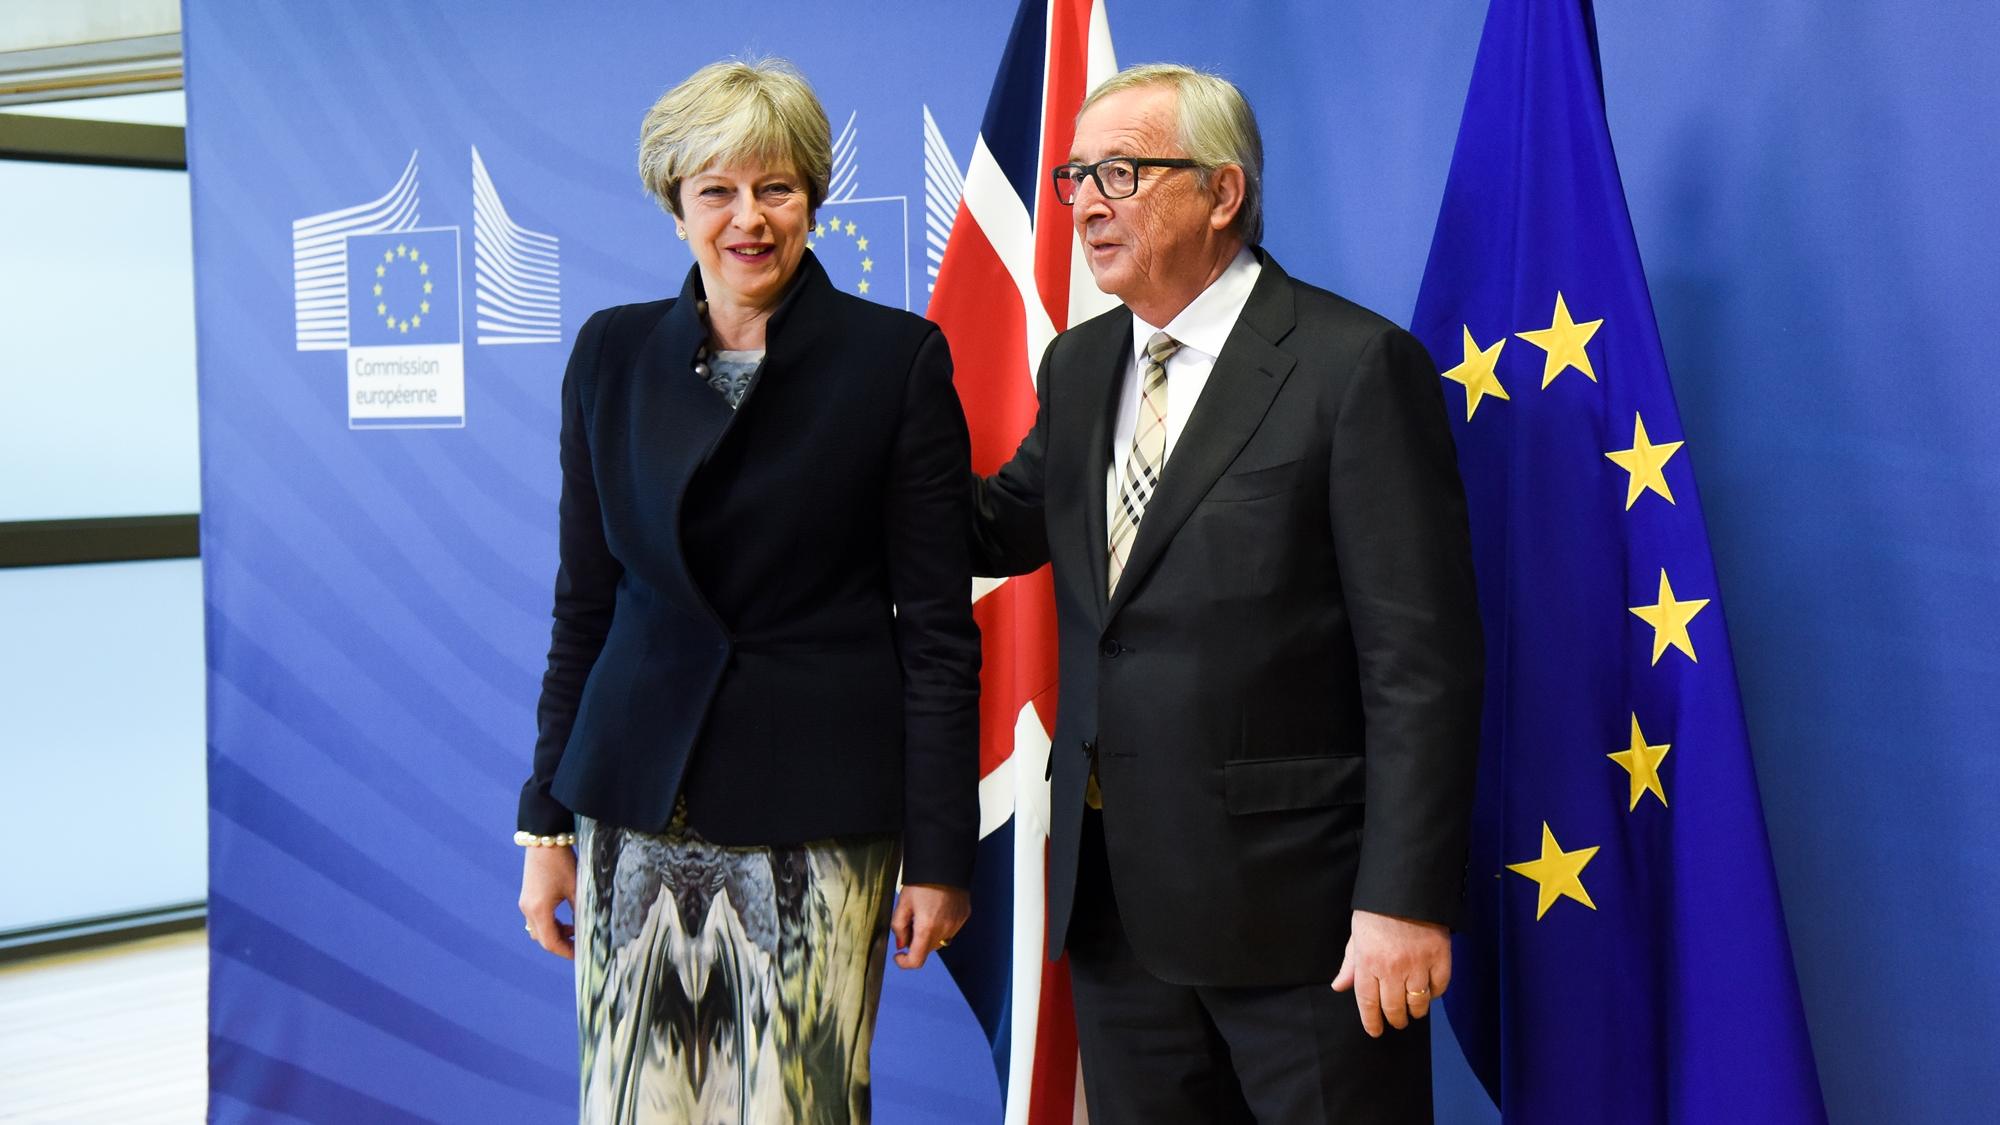 Podría no haber Brexit, dice primera ministra británica